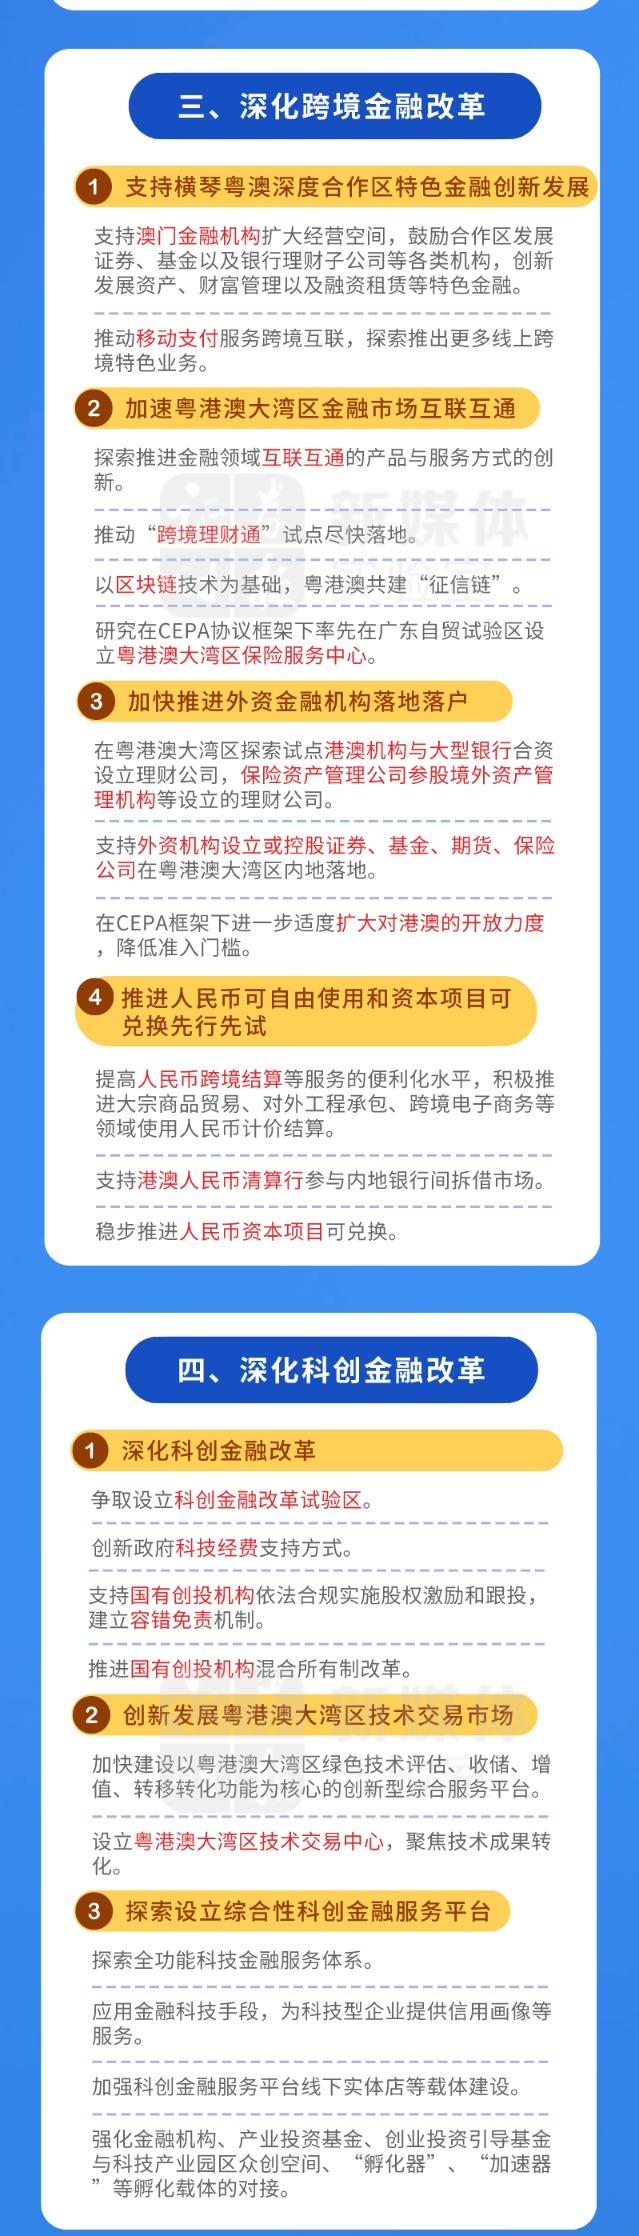 神圣计划客户端官网_一图看懂广东深入推进资本要素市场化配置改革行动方案